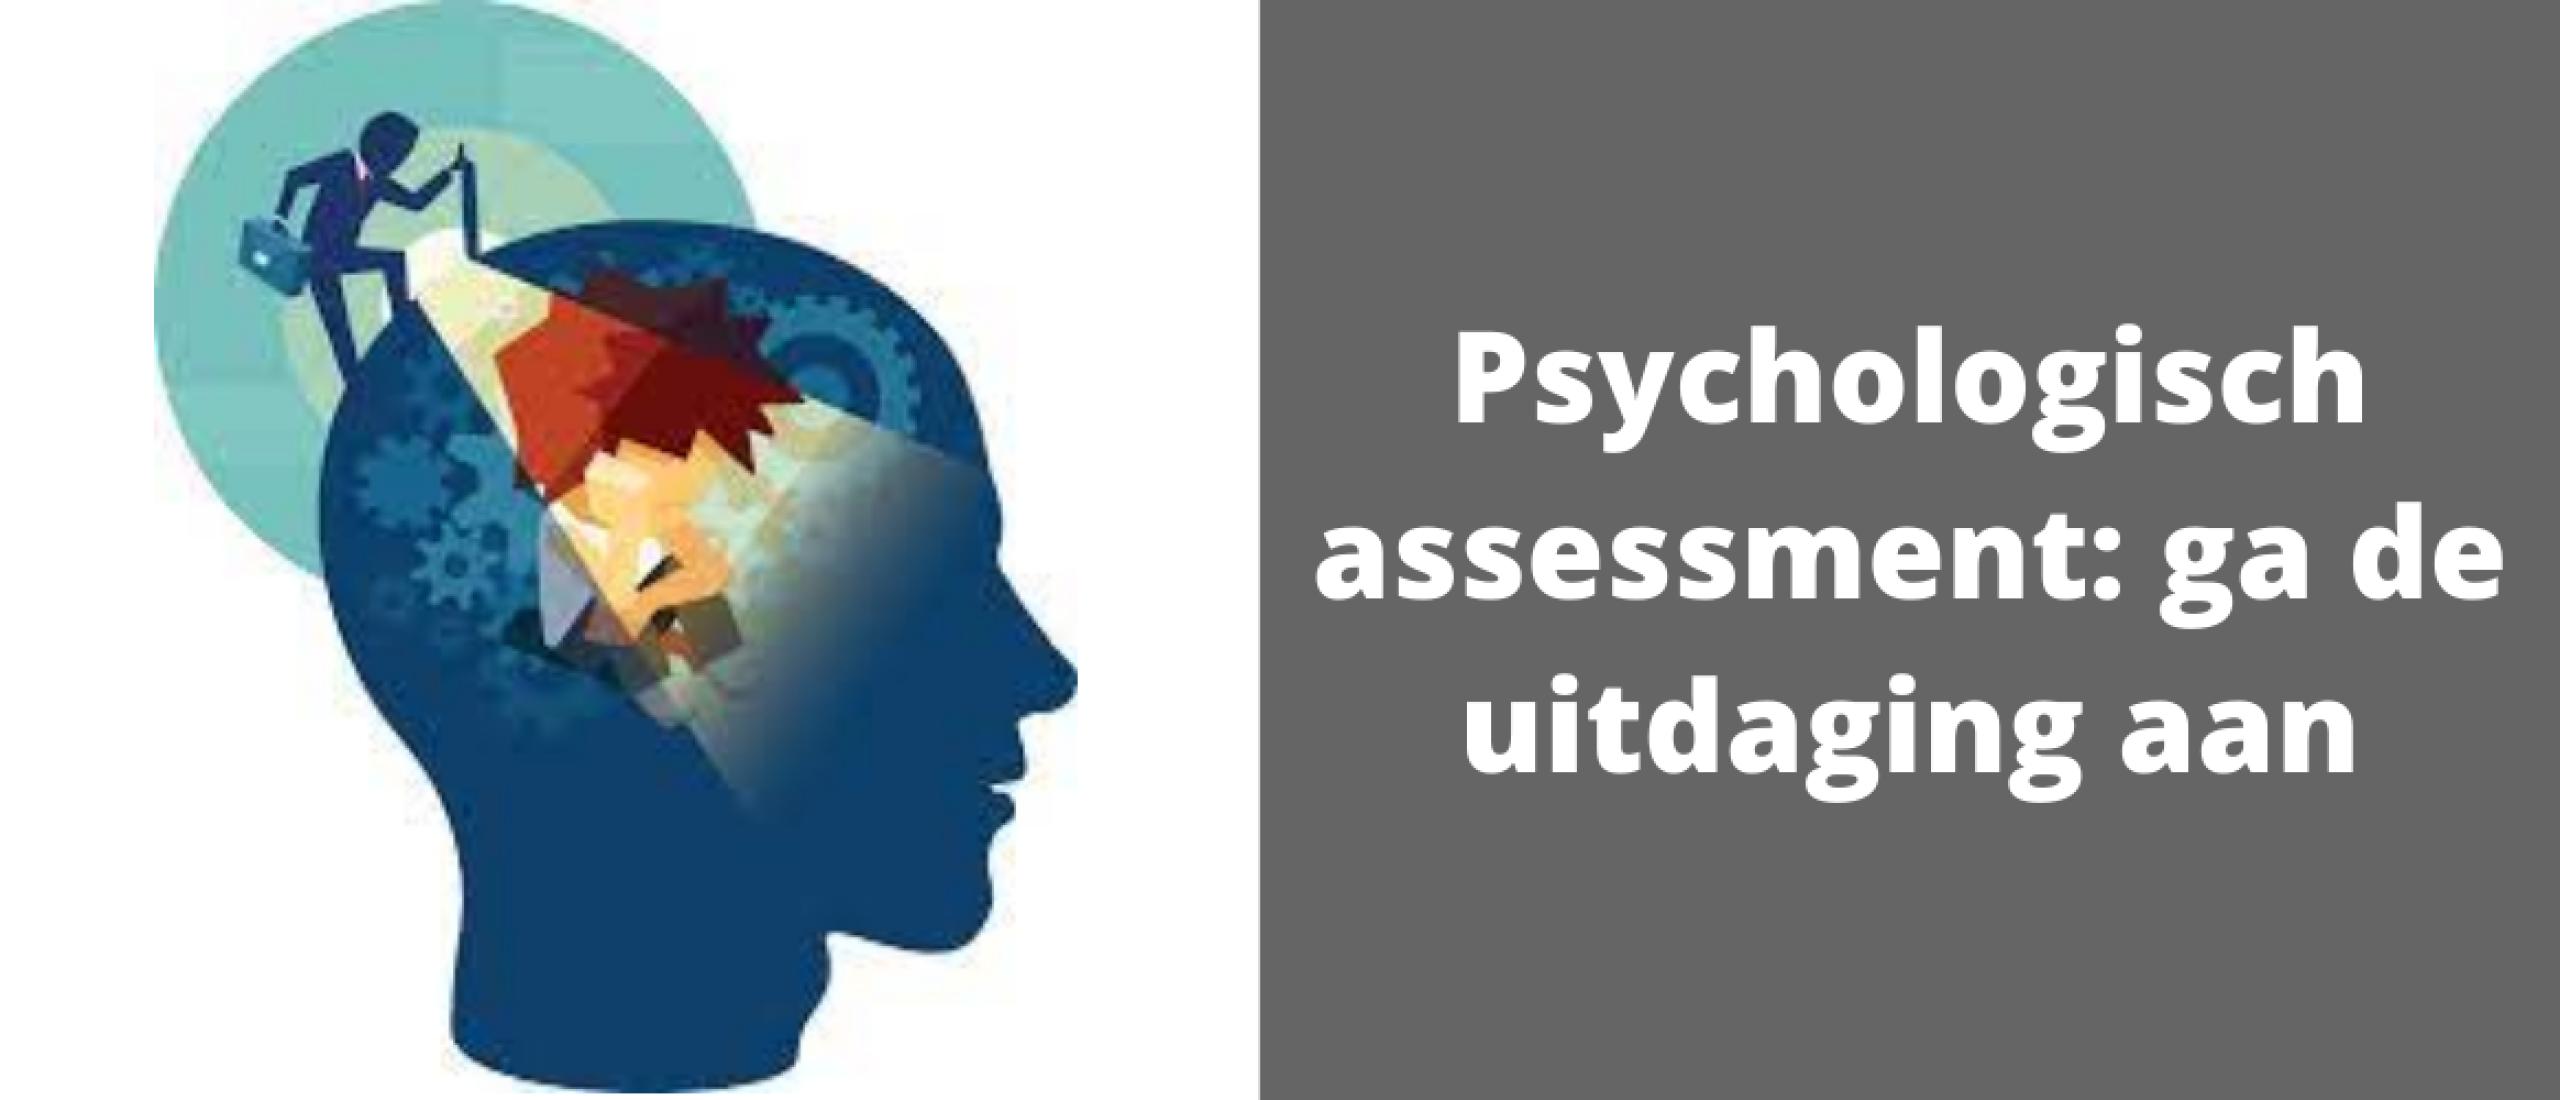 Psychologisch assessment: ga de uitdaging aan